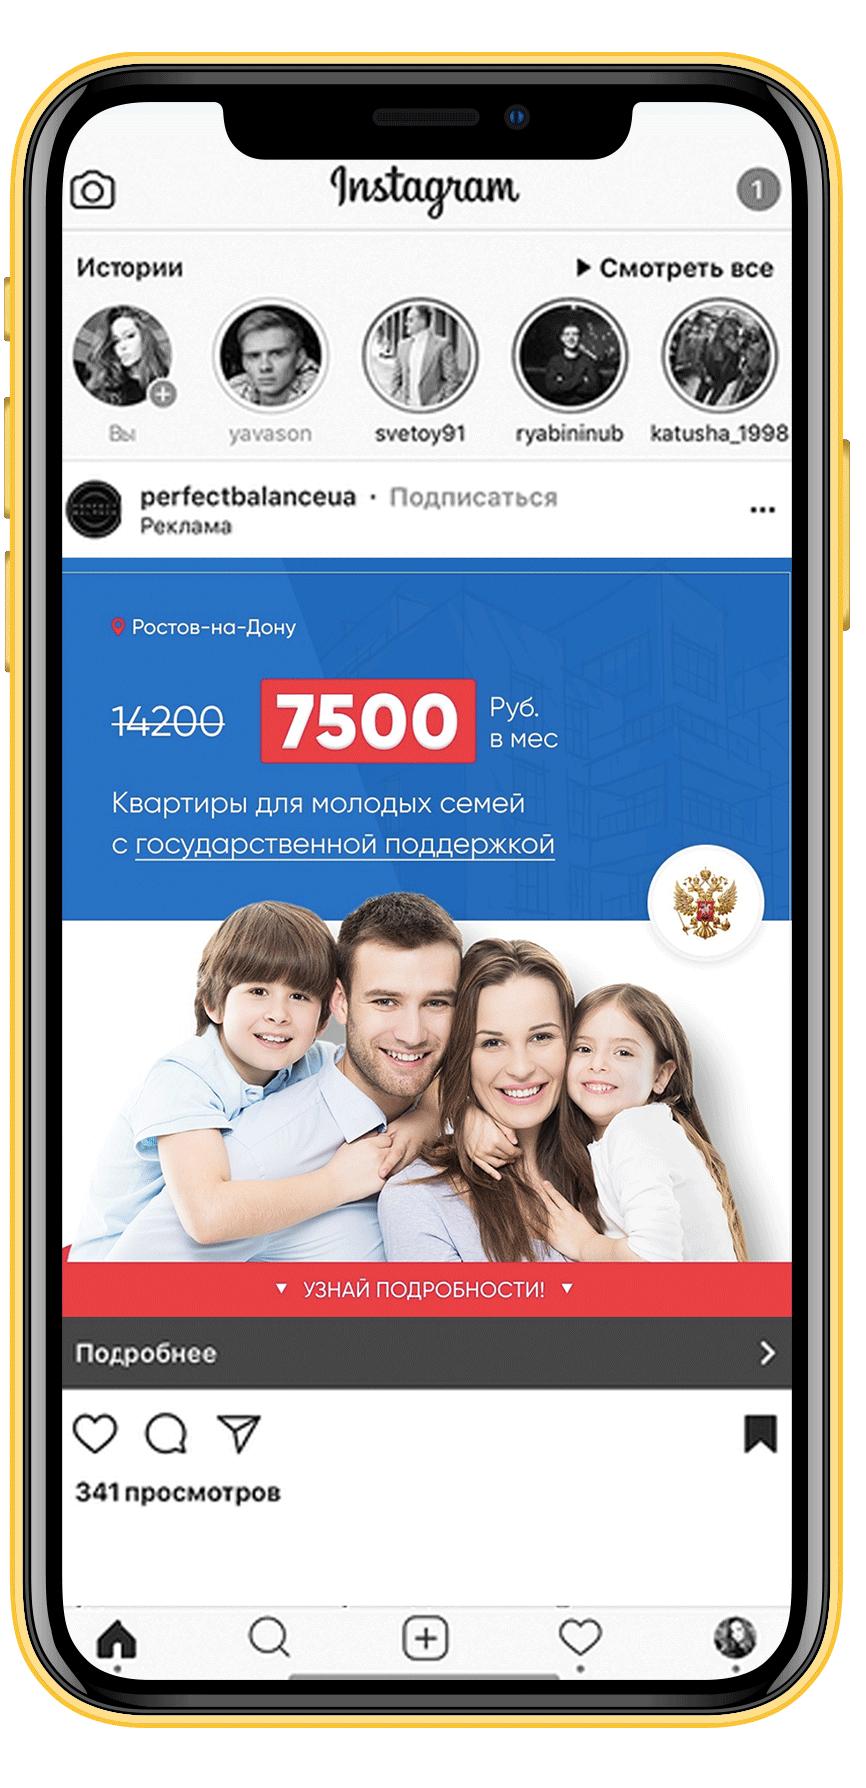 Таргетированная реклама недвижимости в Инстаграм